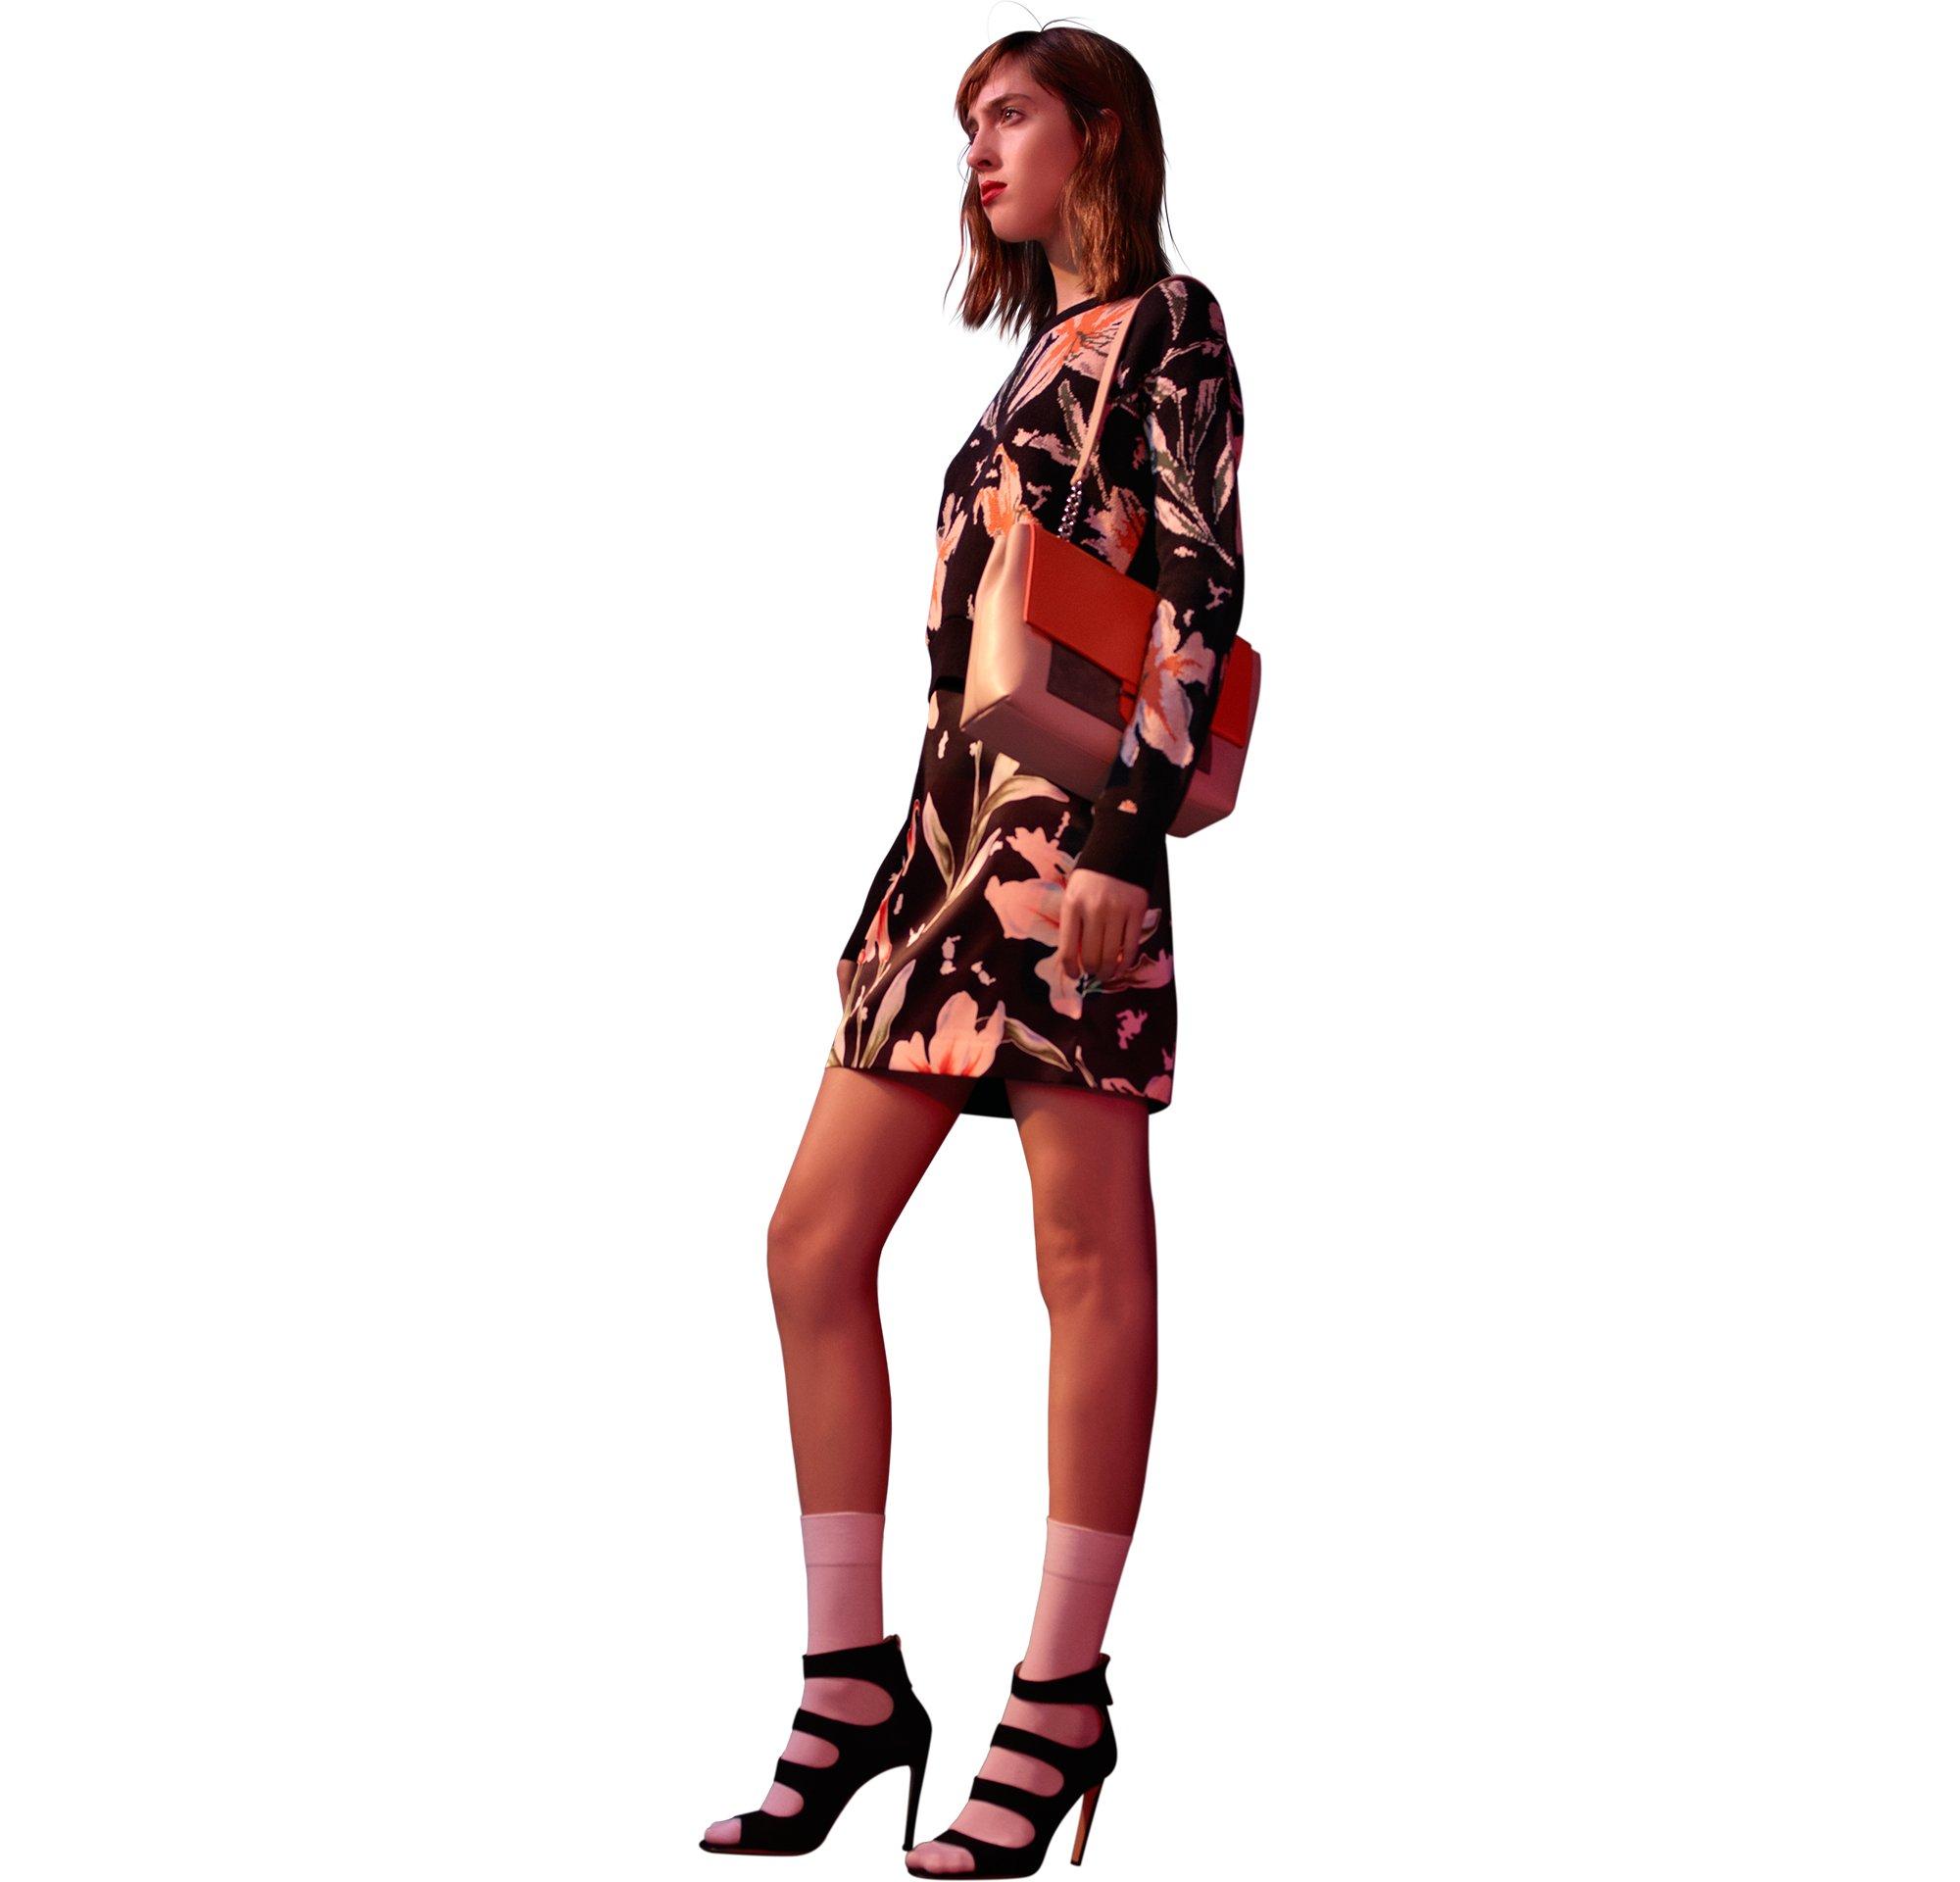 Kleid und Tasche von HUGO Womenswear